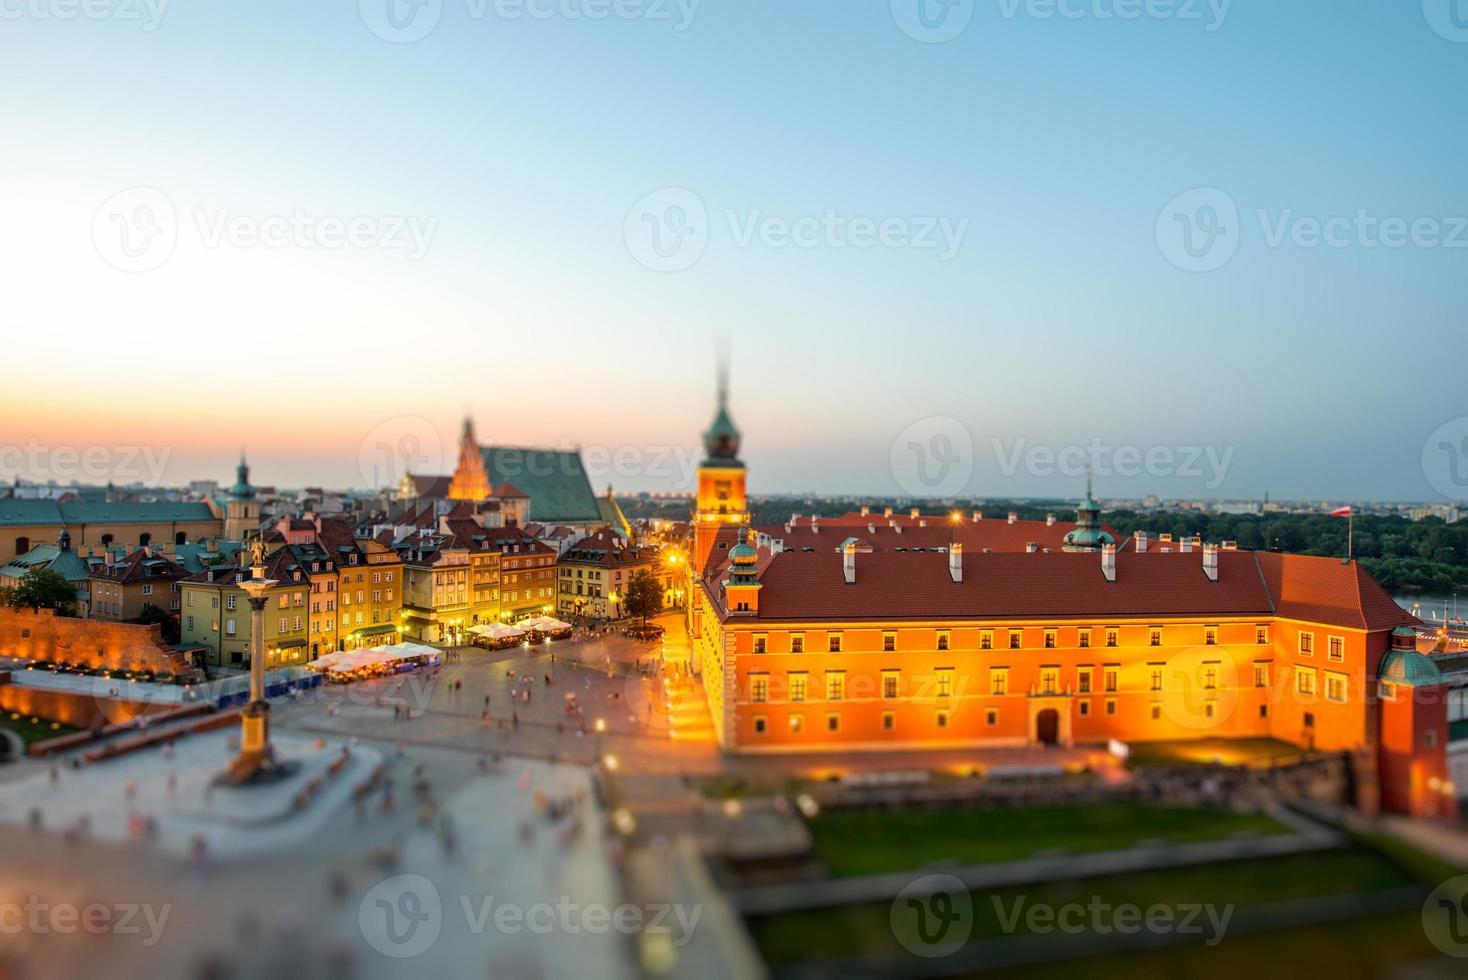 vista dall'alto della città vecchia di varsavia foto